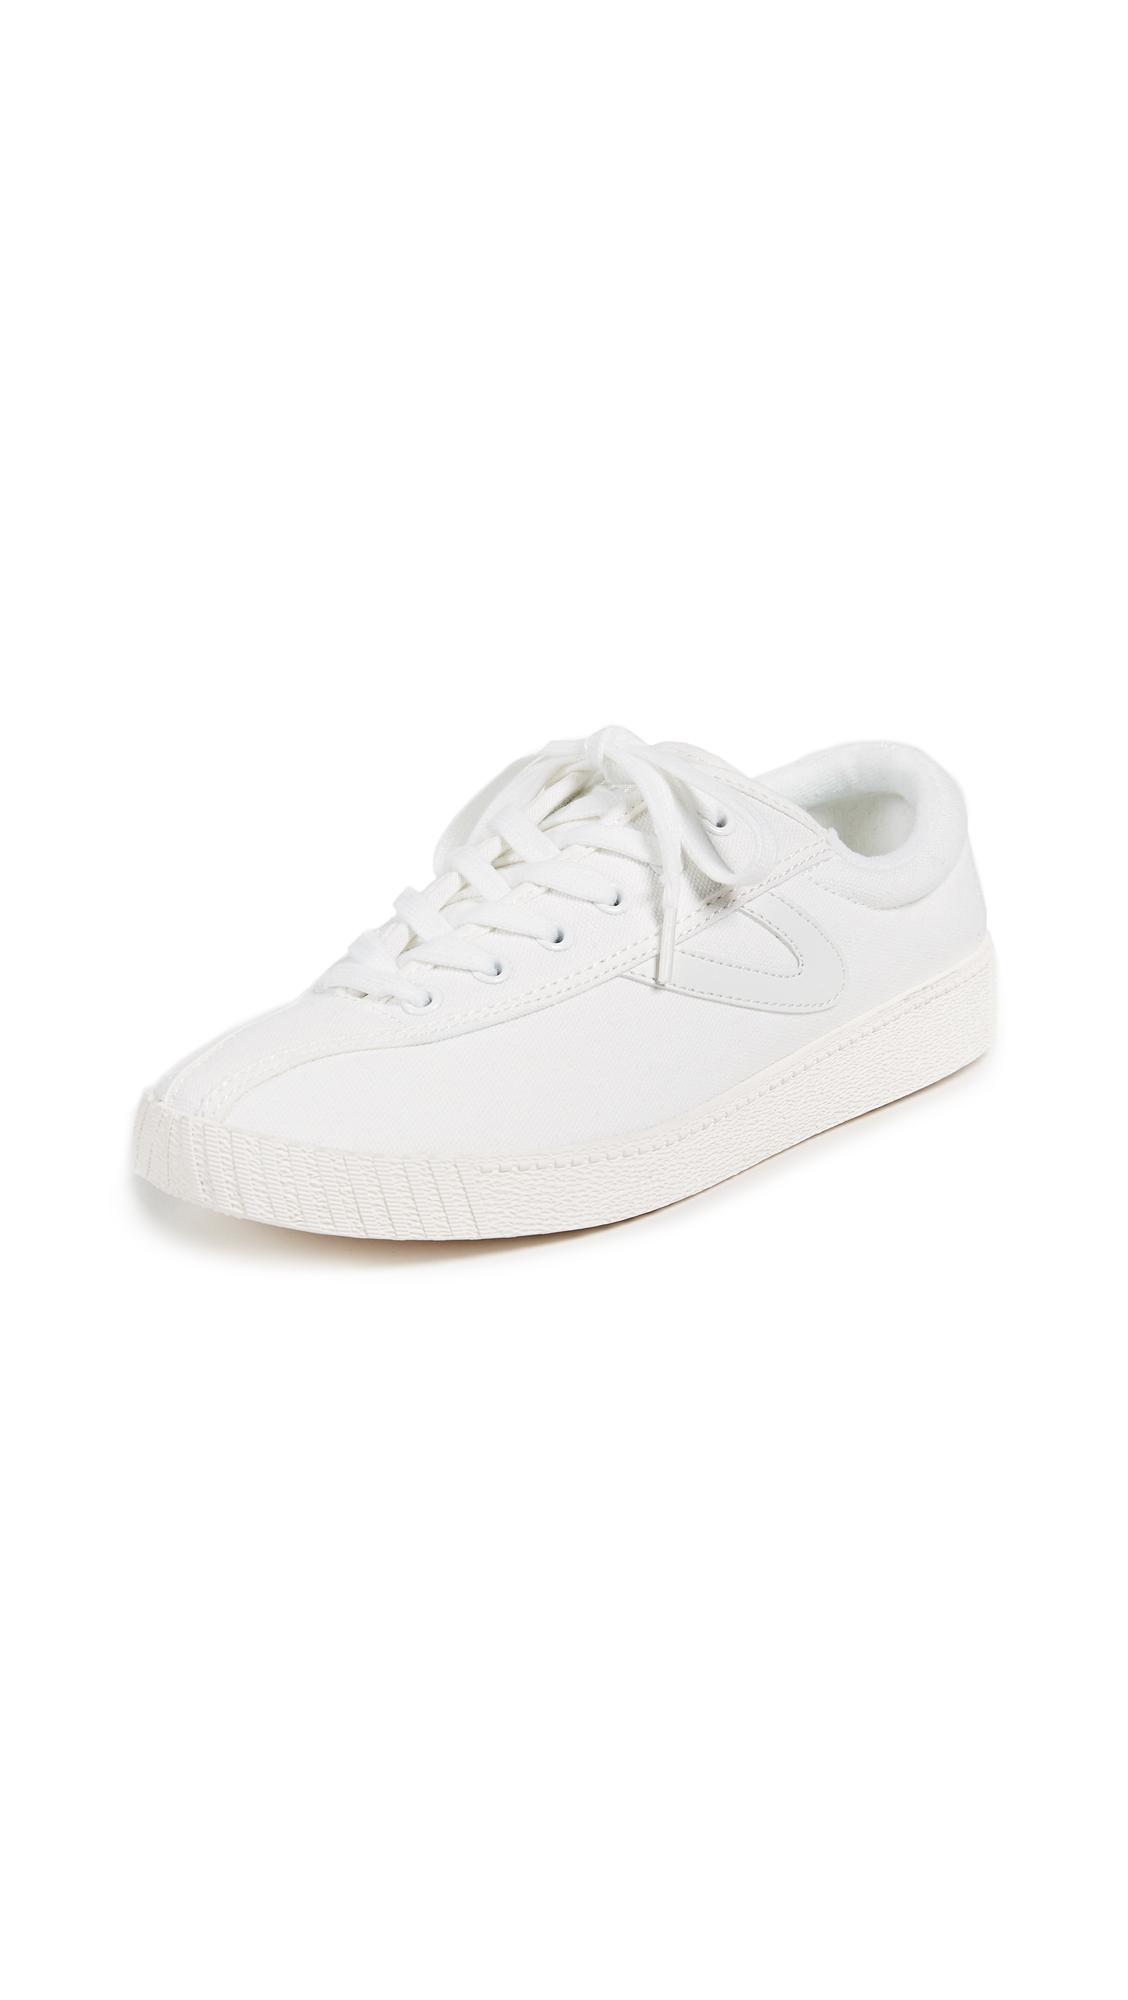 Tretorn Nylite Plus Sneakers - White/White/White